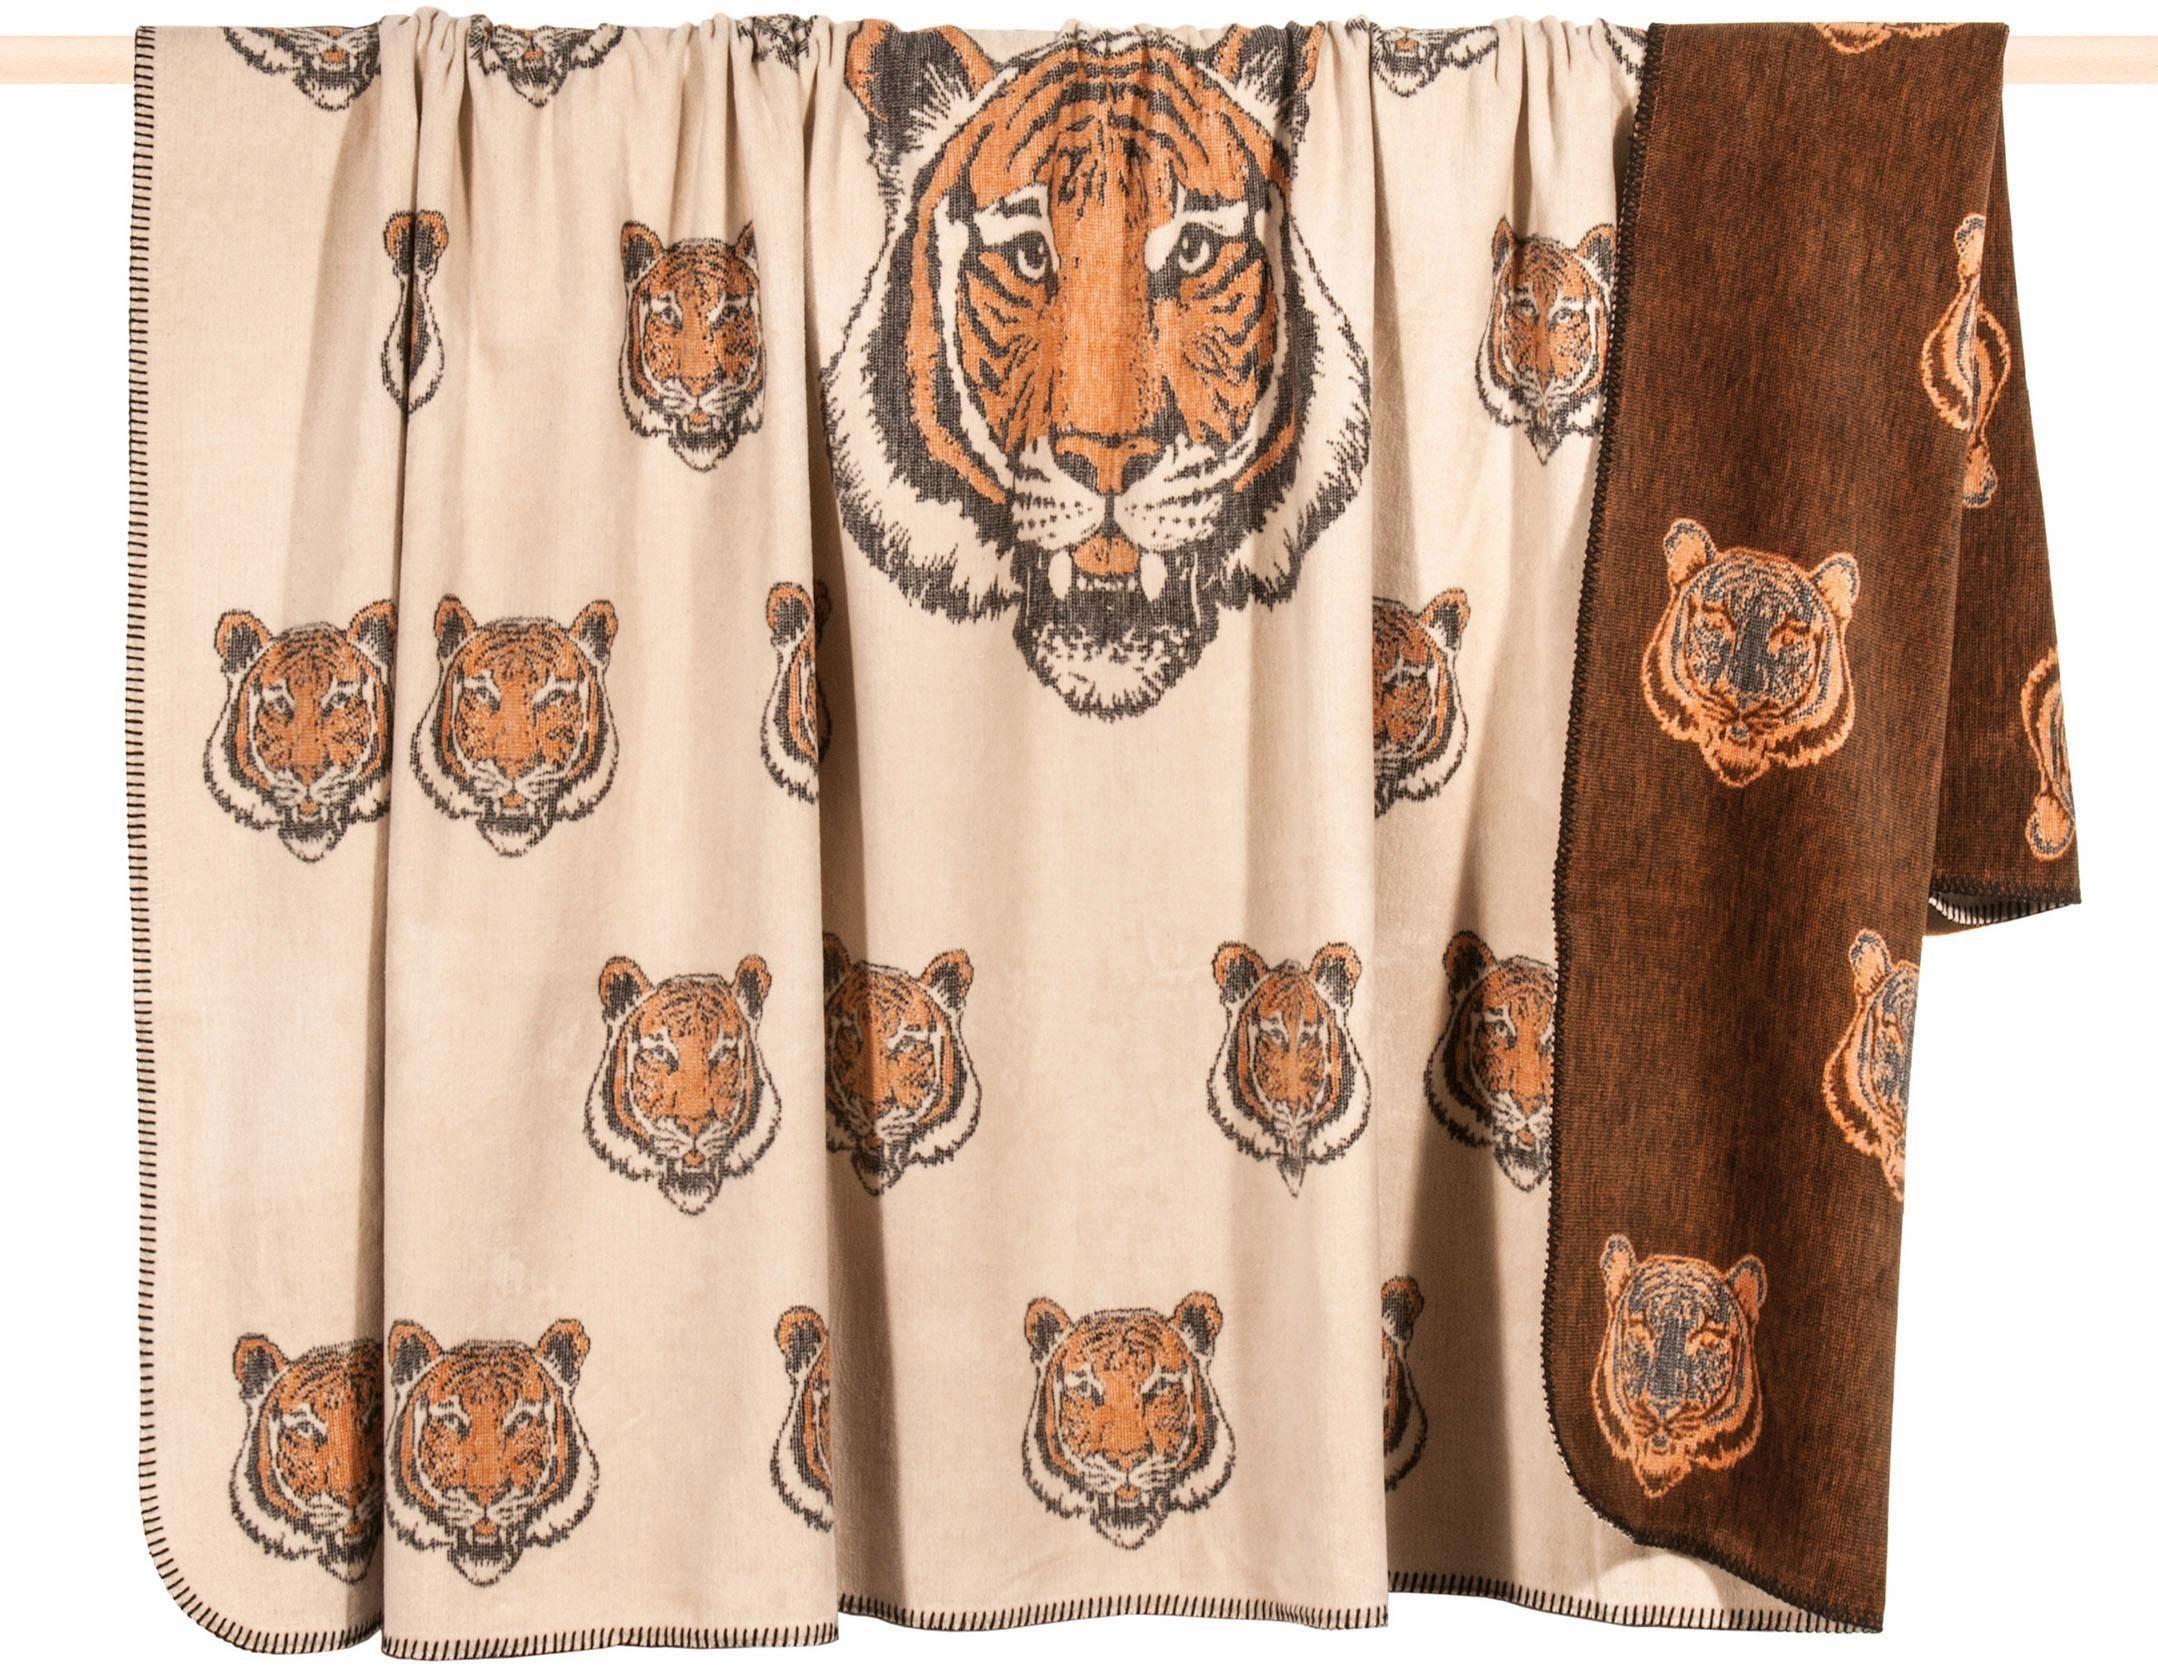 Wohndecke, PAD, »Simba«, mit Tiger Motiv